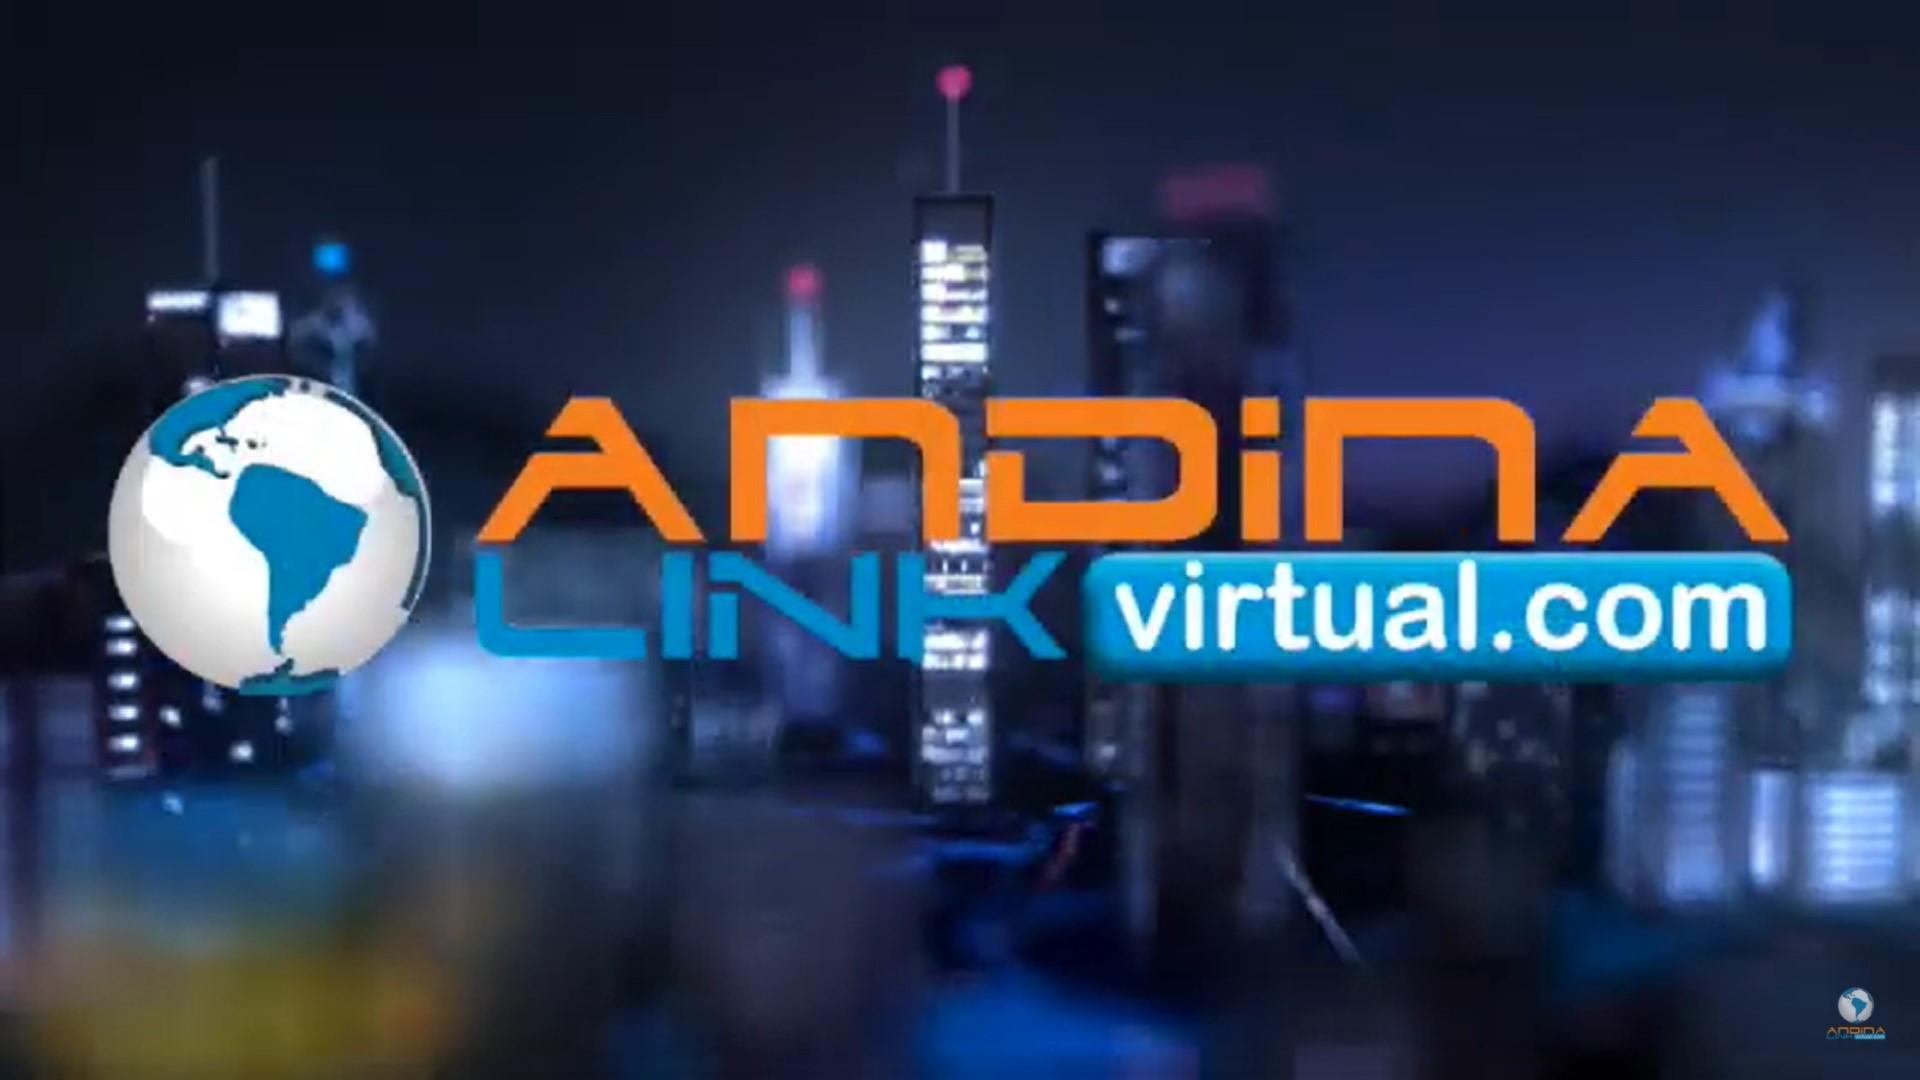 Artic ofreció capacitación sobre componentes de redes ópticas en Andinalink Virtual